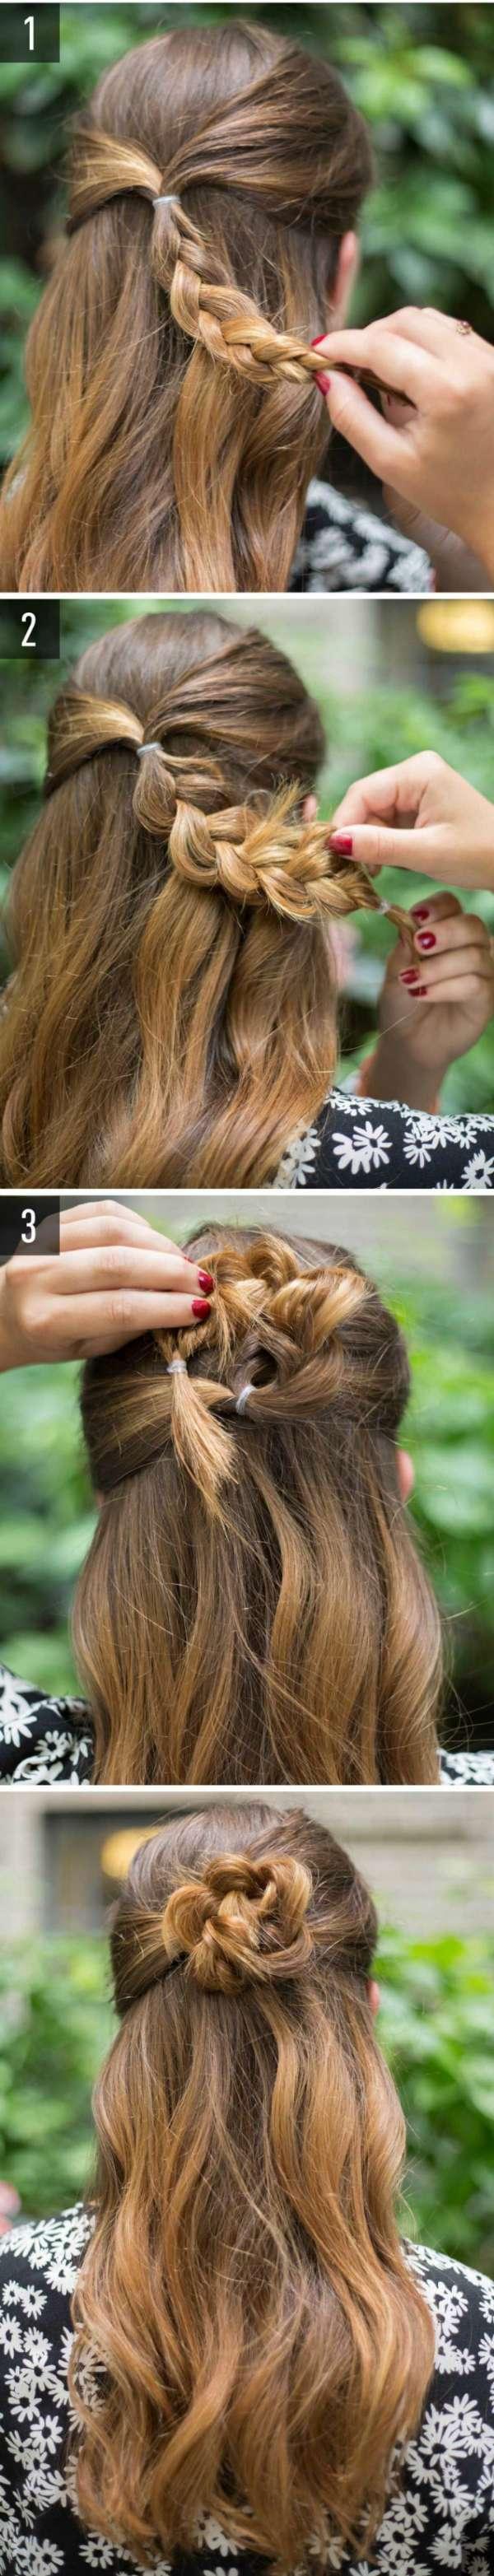 Extraordinaire 14 tutos de coiffures de mariage faciles à faire soi-même - Guide AR-18